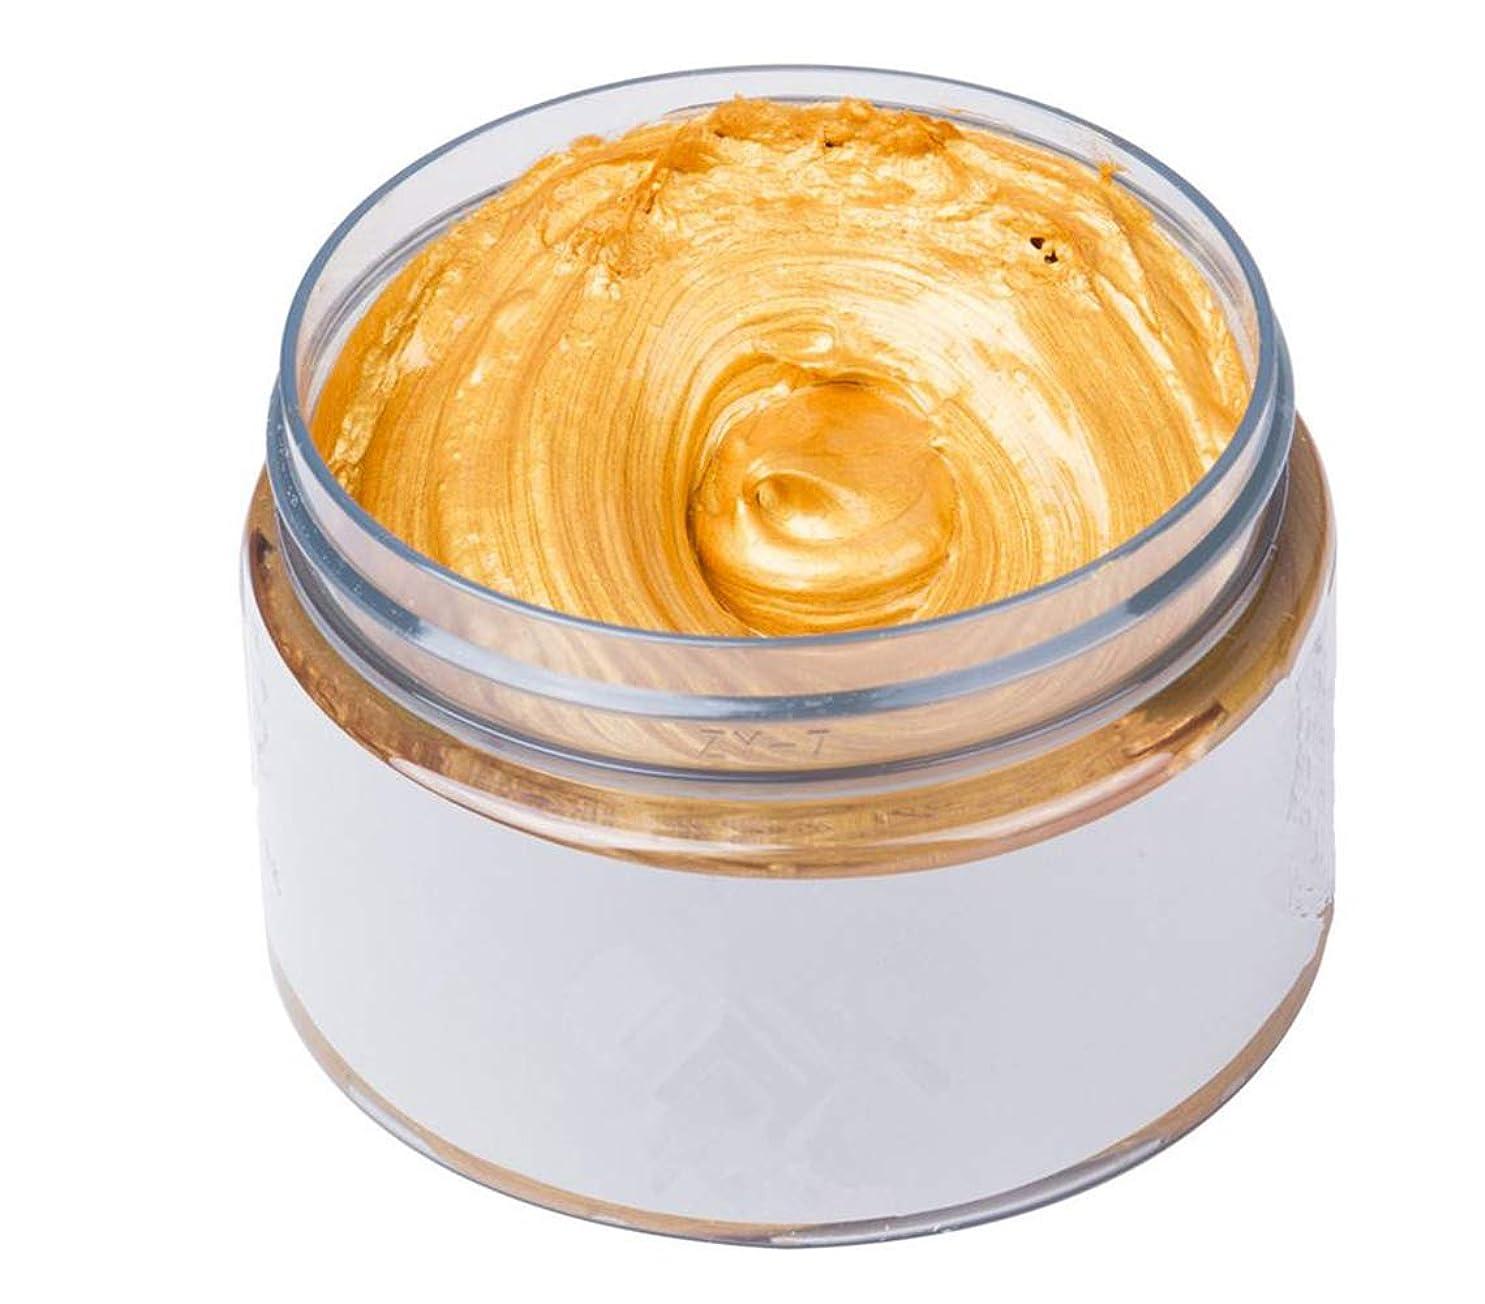 試すハンドブック負担カルドール ワックス カラーバター ワンタイムヘアカラーの泥 ヘアクリーム 120g カラーリング ヘアトリートメント 全7色 (ゴールド)